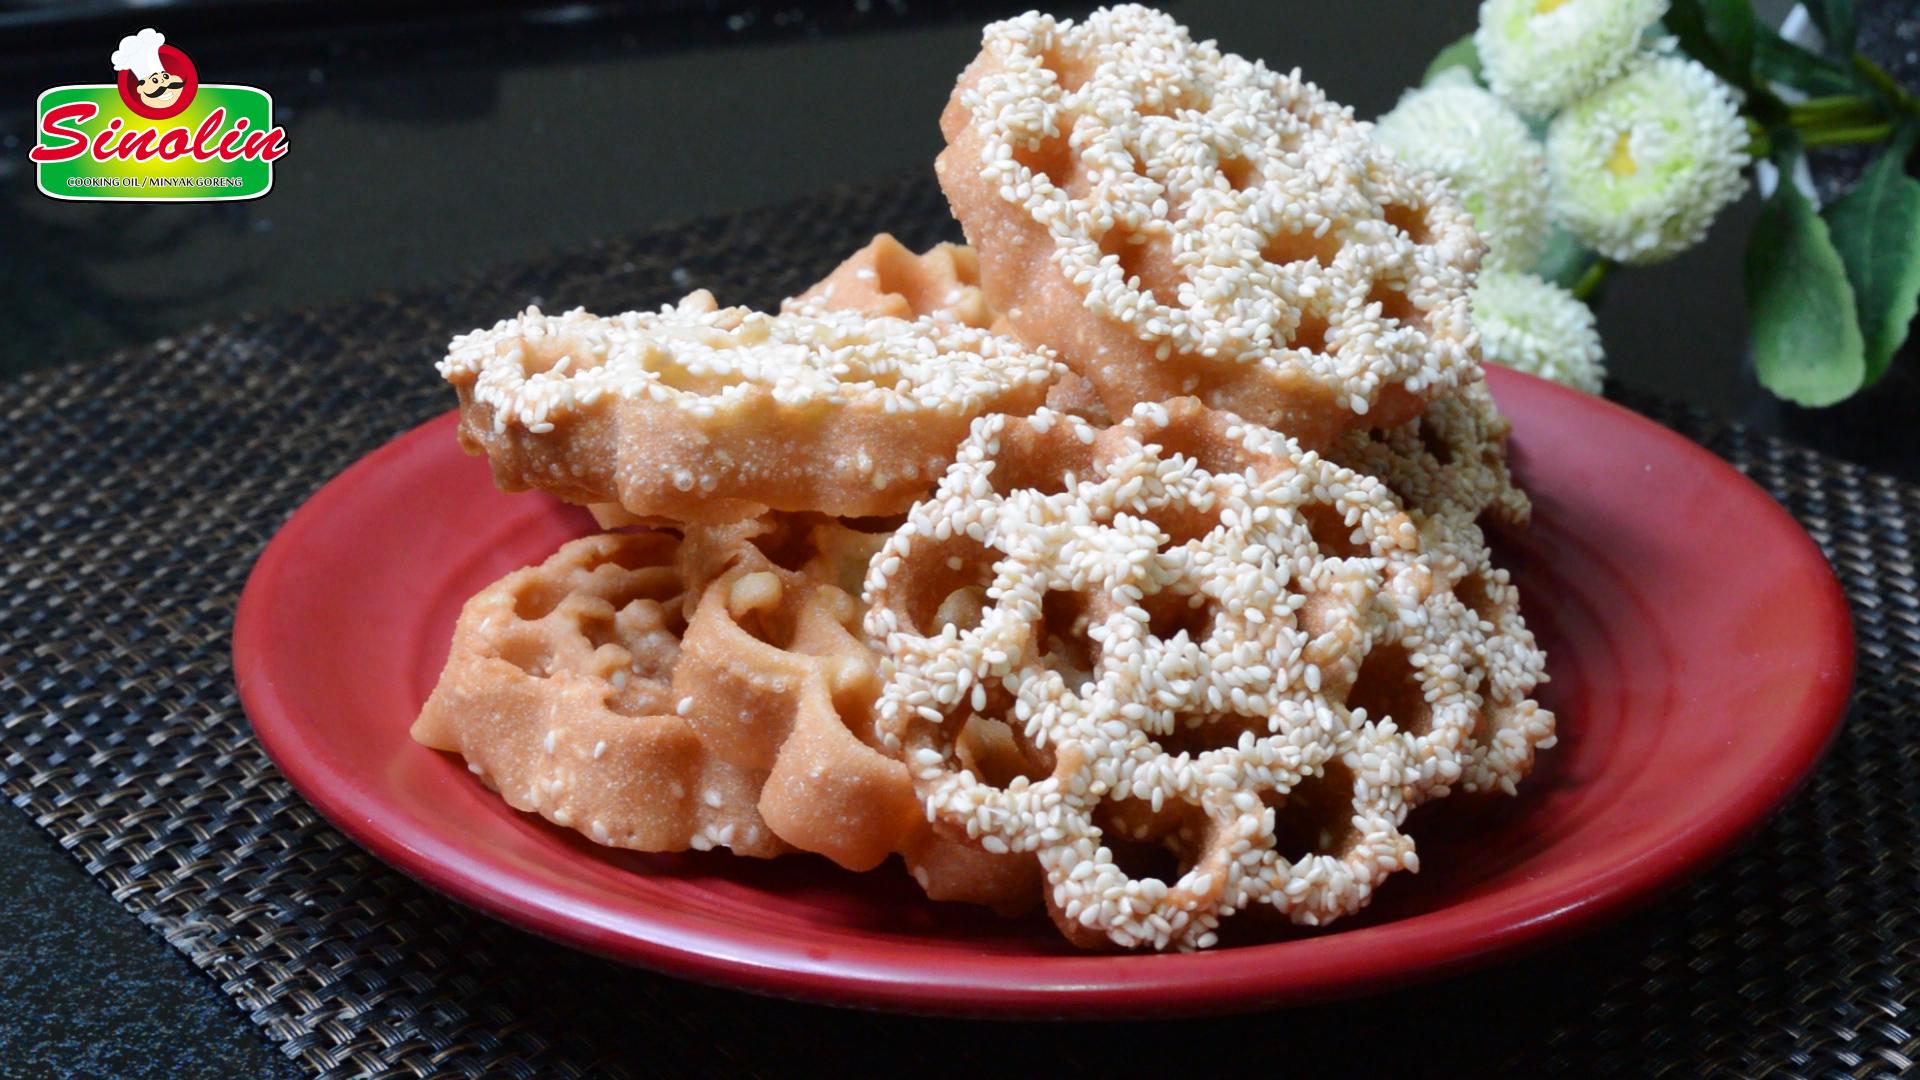 Kue Kembang Goyang Wijen Renyah Oleh Dapur Sinolin